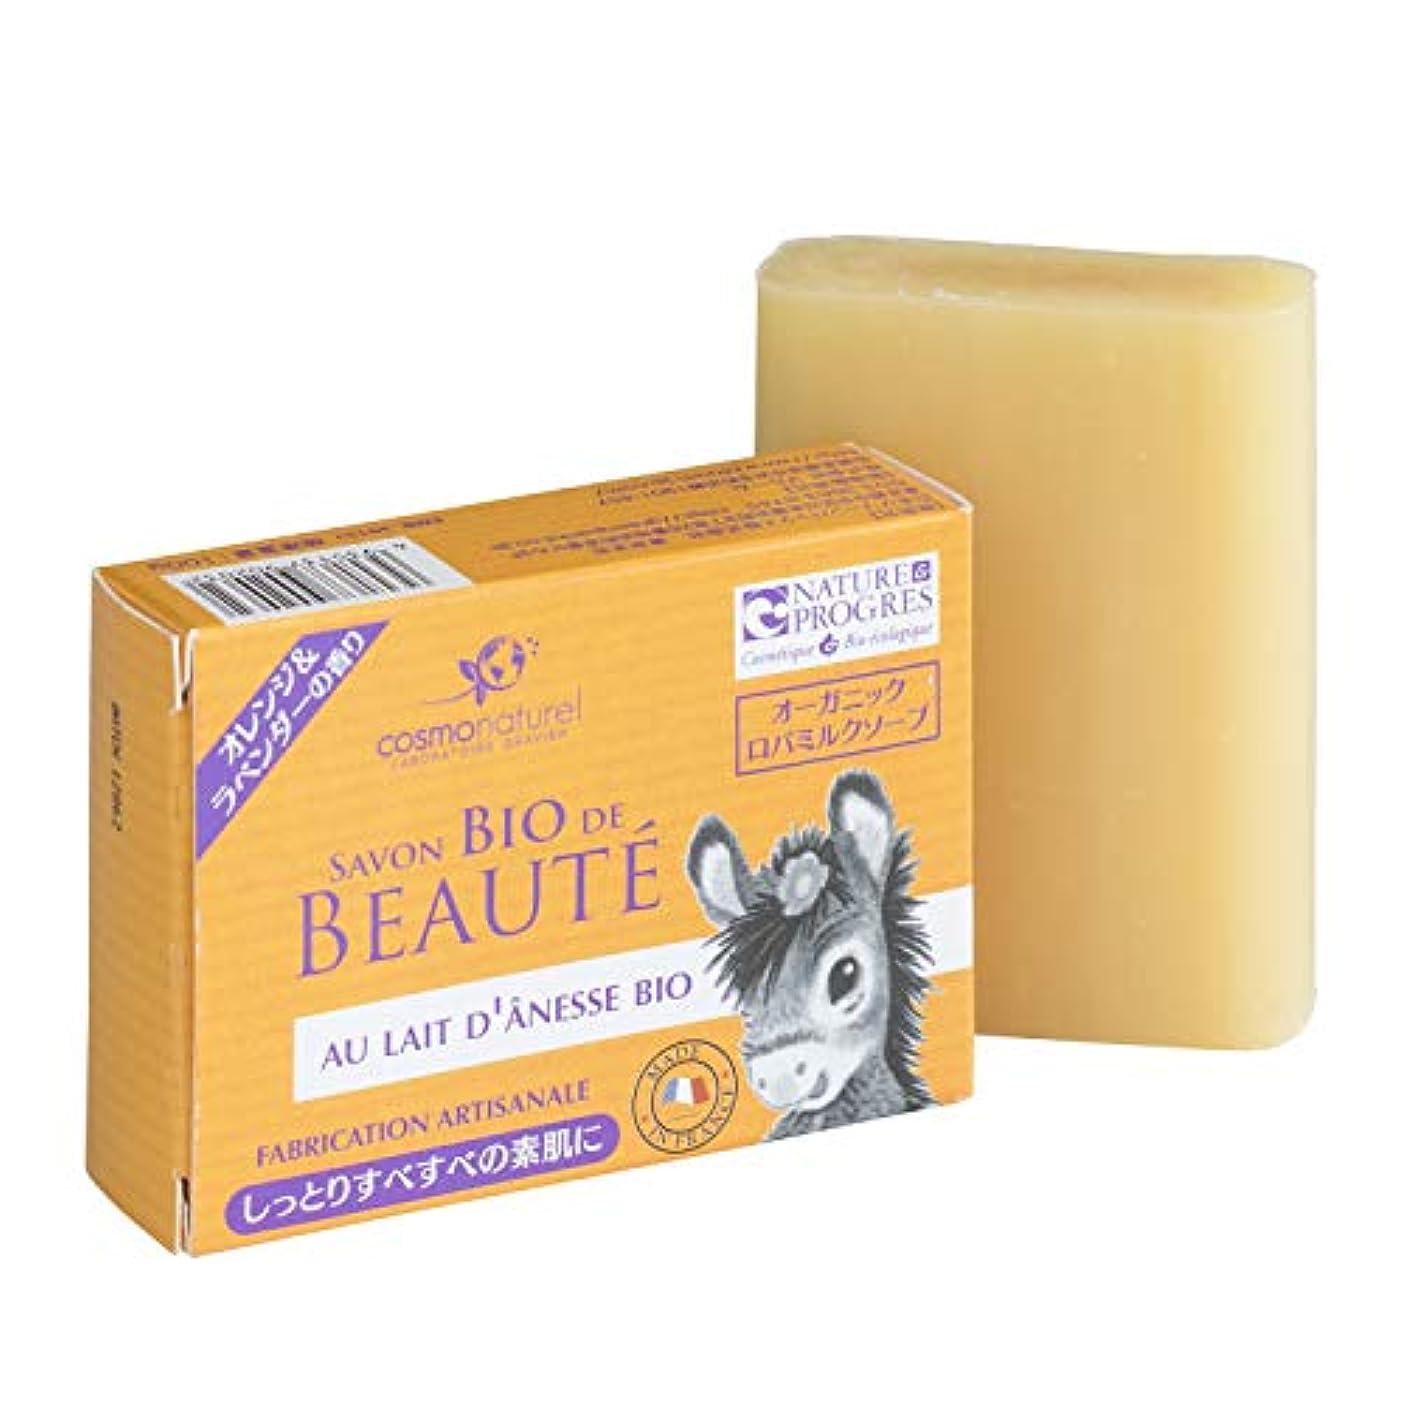 仲間、同僚相談ウイルスコスモナチュレル オーガニック ロバミルクソープ オレンジ&ラベンダーの香り 100g